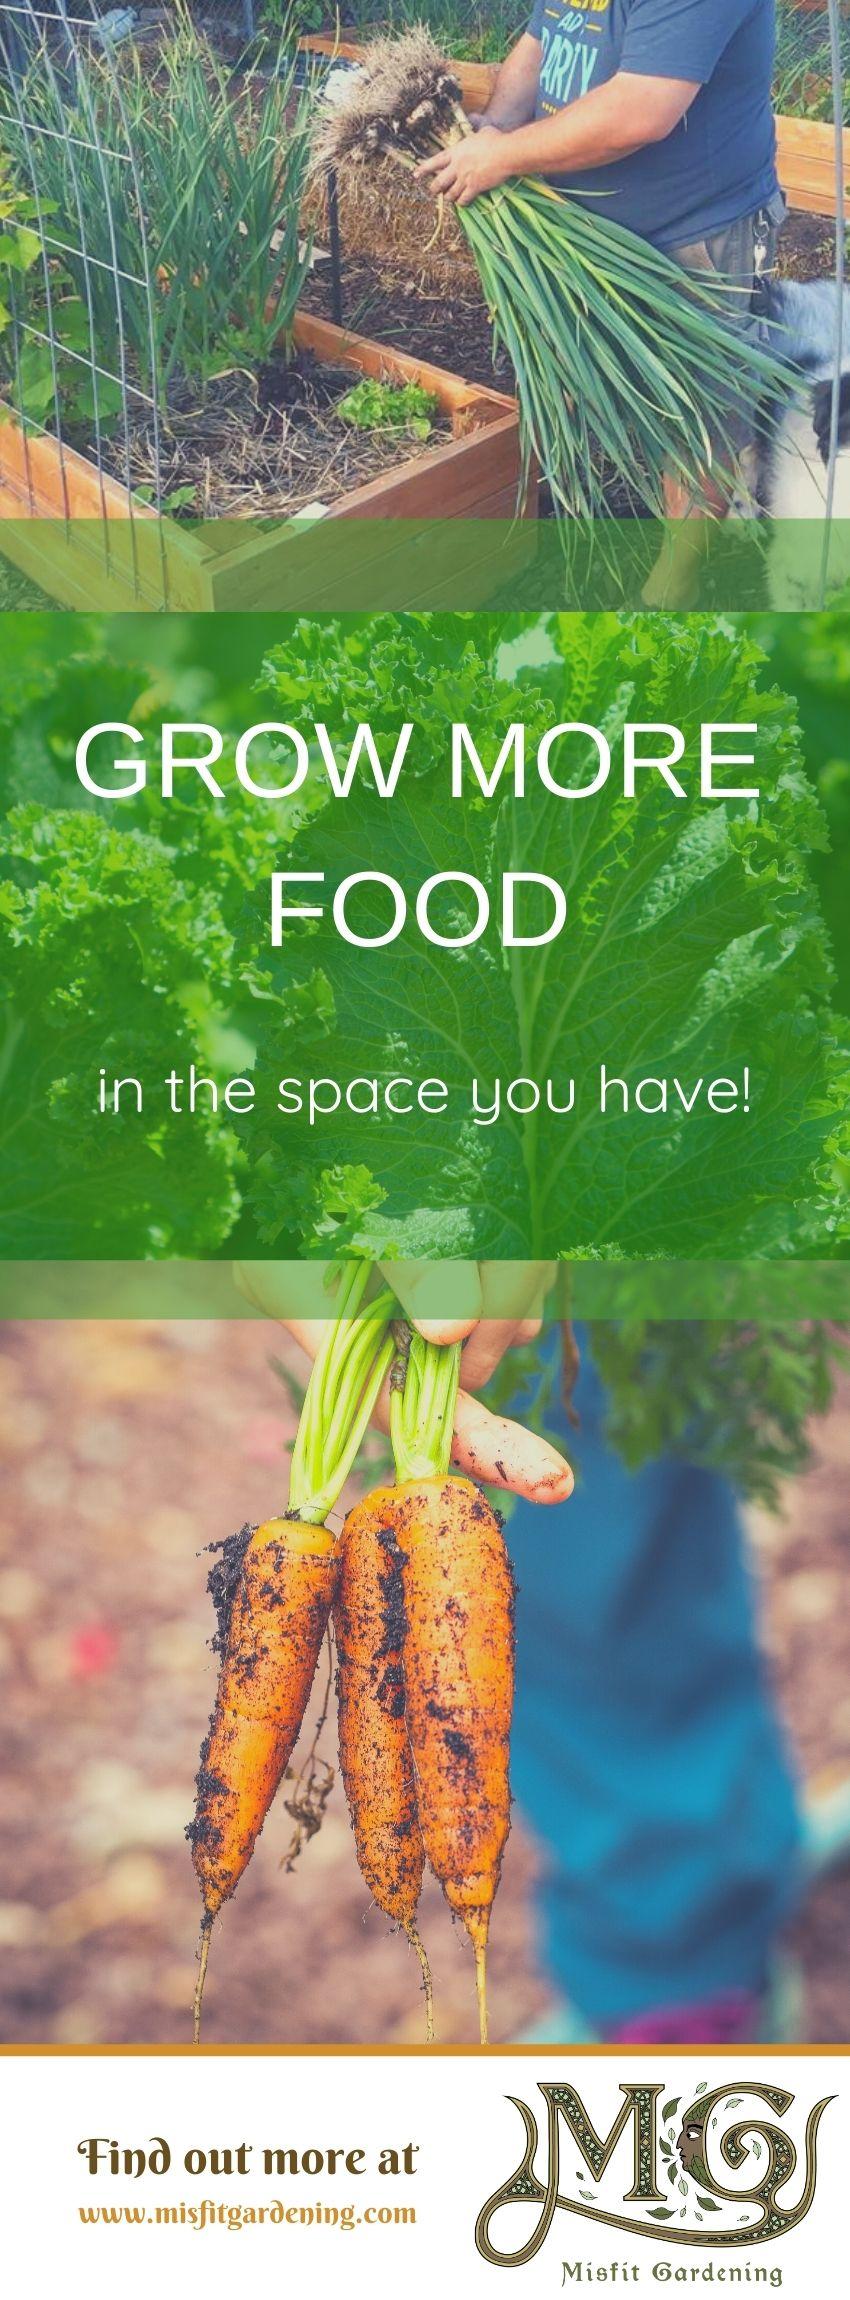 Klicken Sie hier, um zu erfahren, wie Sie mit intensiver Gartenarbeit mehr Lebensmittel in dem Raum anbauen können, den Sie haben, oder stecken Sie sie fest und speichern Sie sie für später. #homestead #realfood #gardening